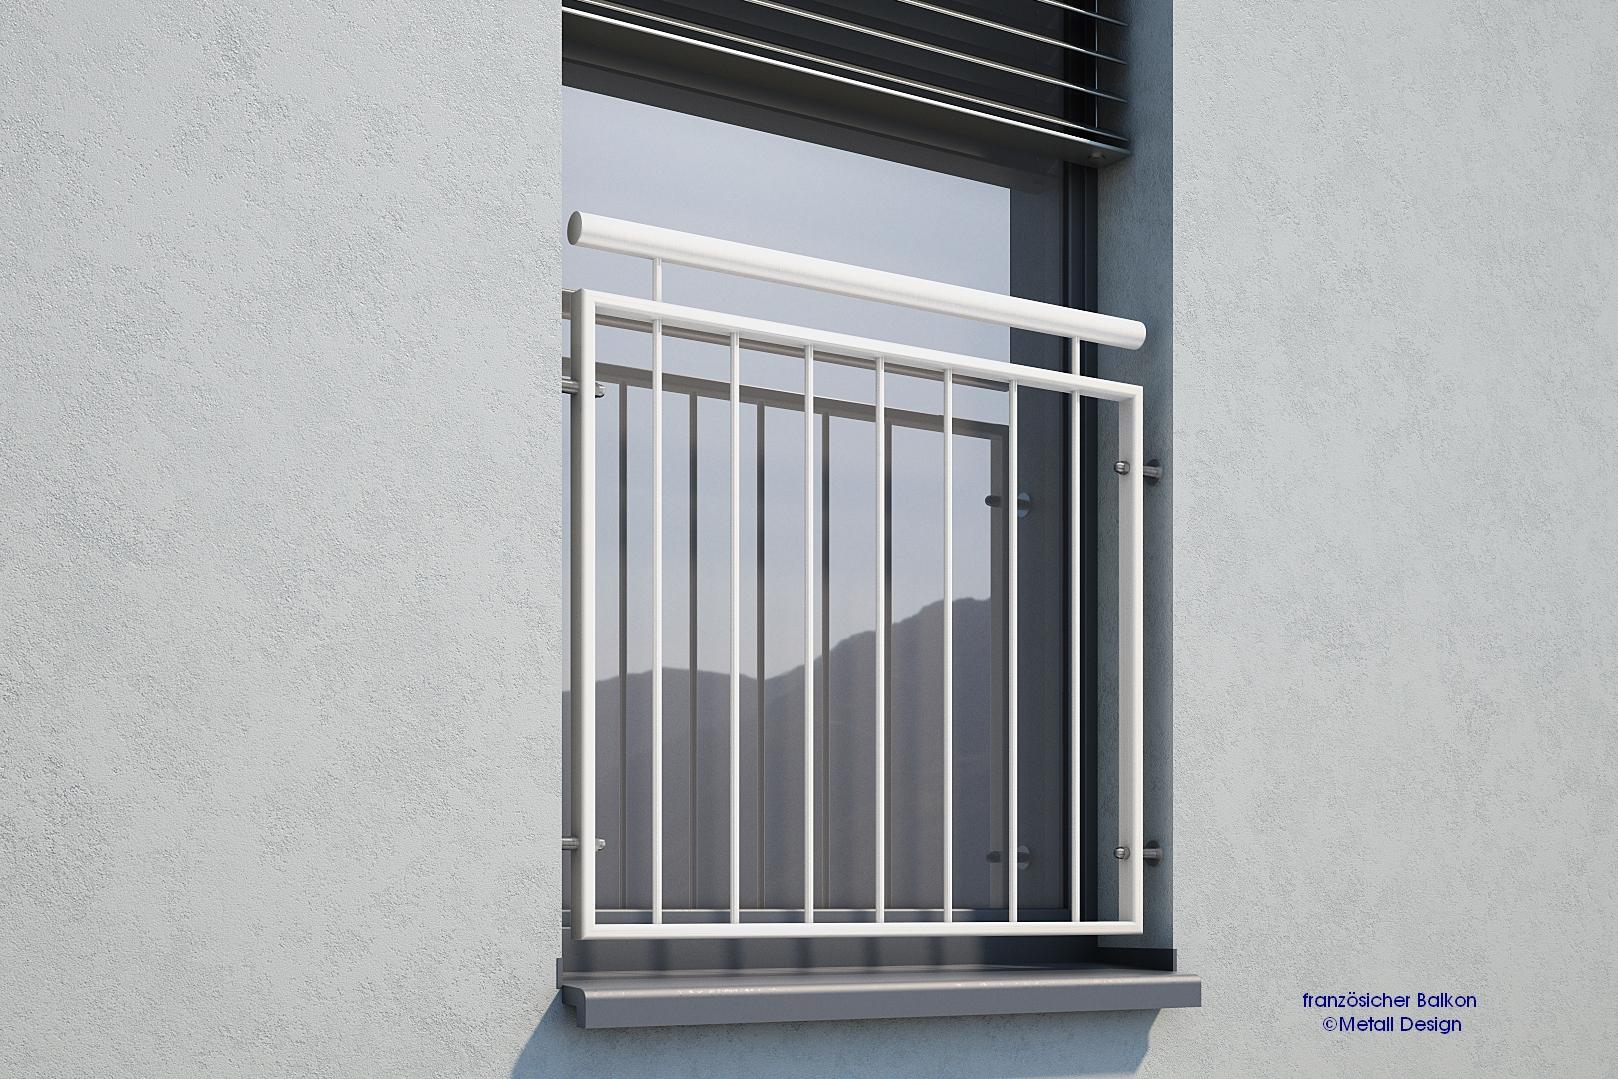 Franzosischer Balkon Auf Mass Jetzt Einfach Online Kaufen